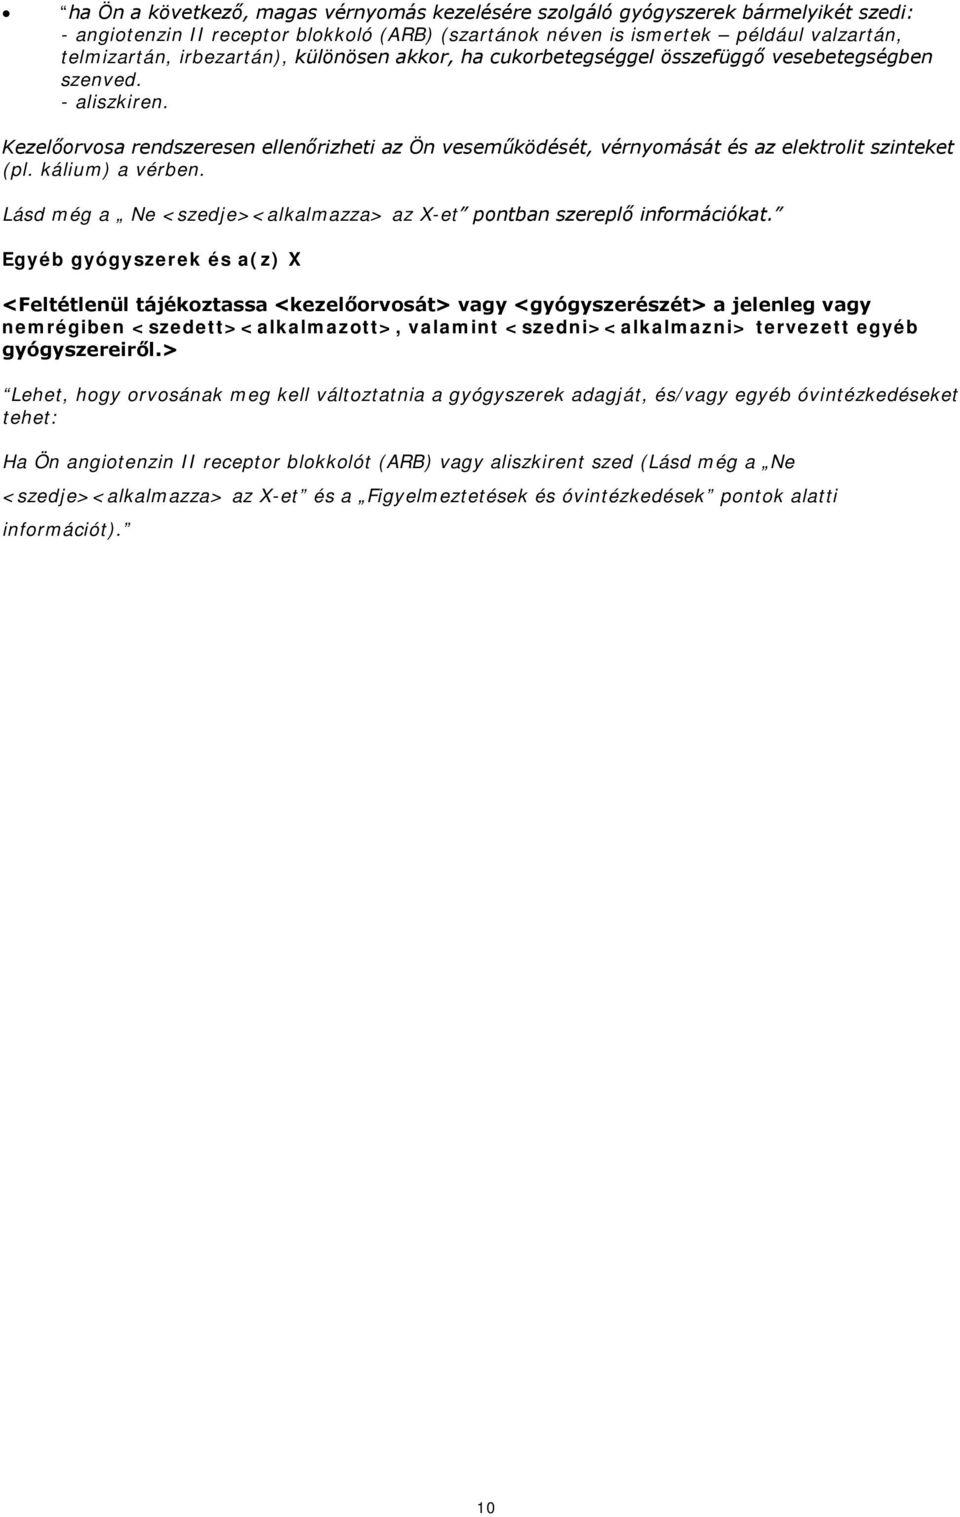 PERINDOPRIL VIM SPECTRUM 4 mg tabletta